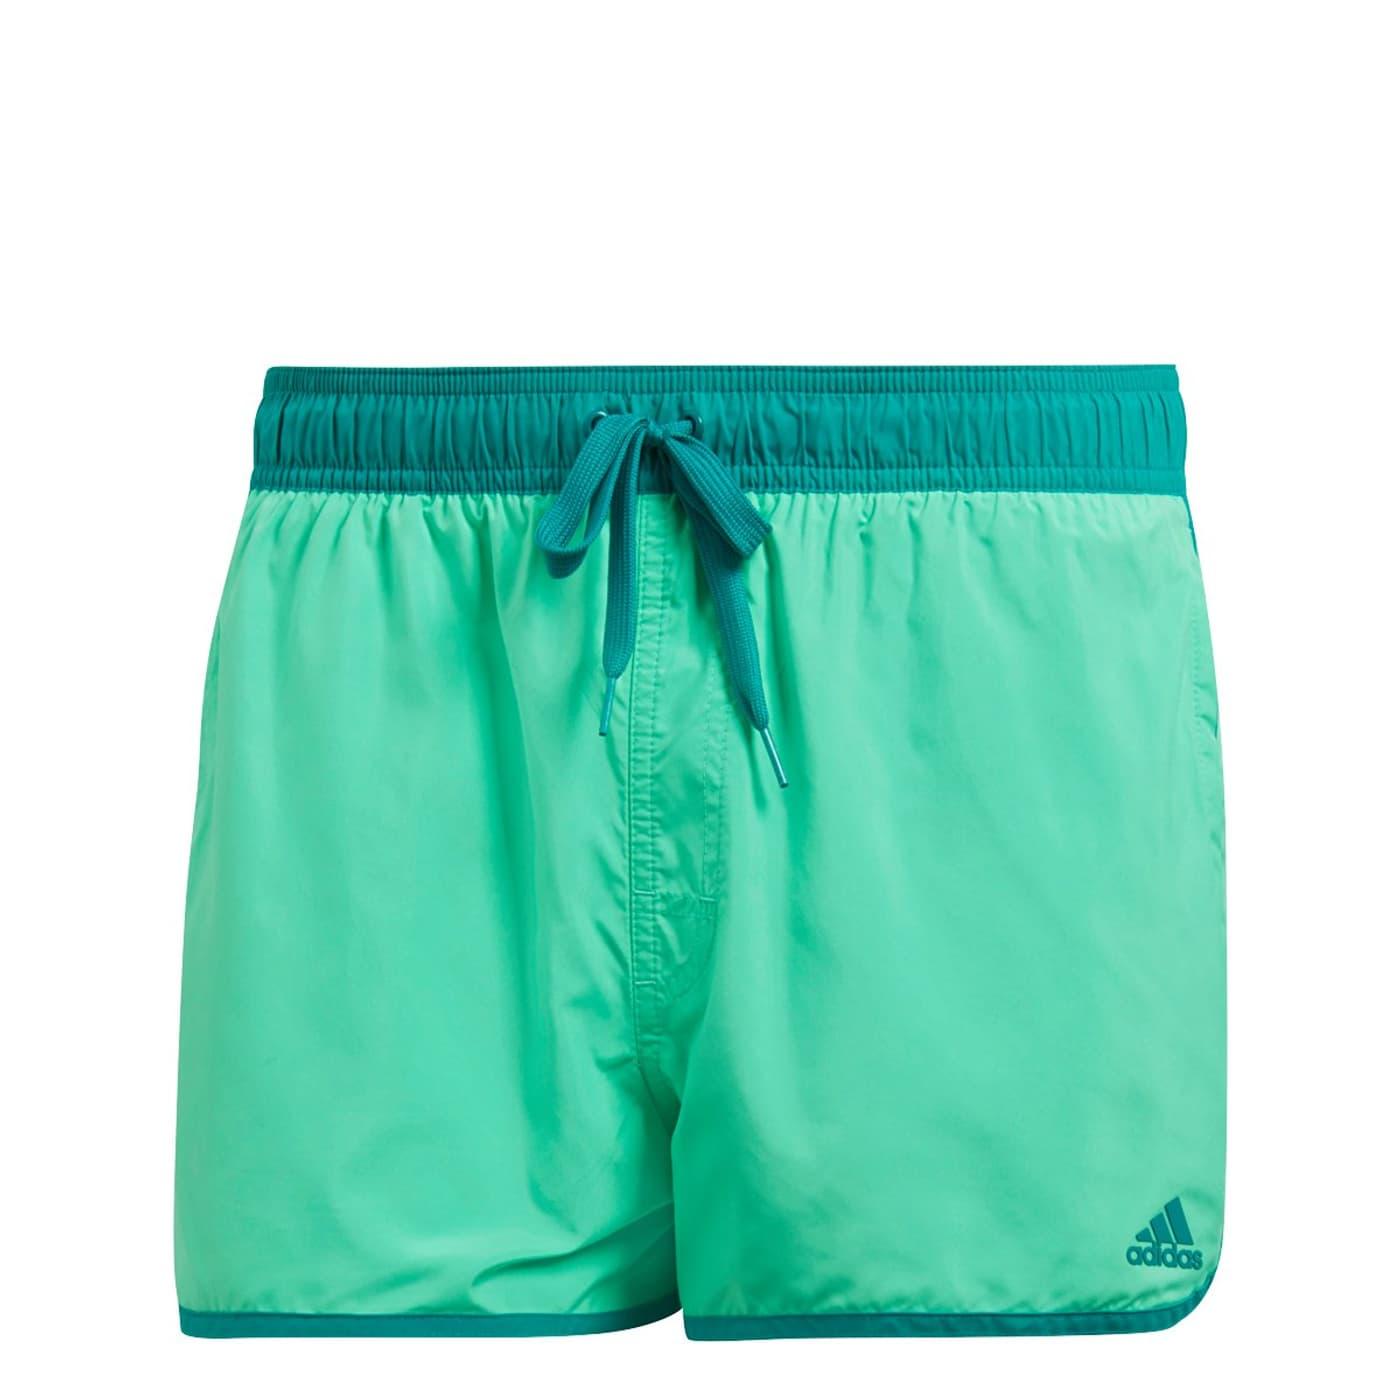 Bain Homme Short Adidas Court De BCedox